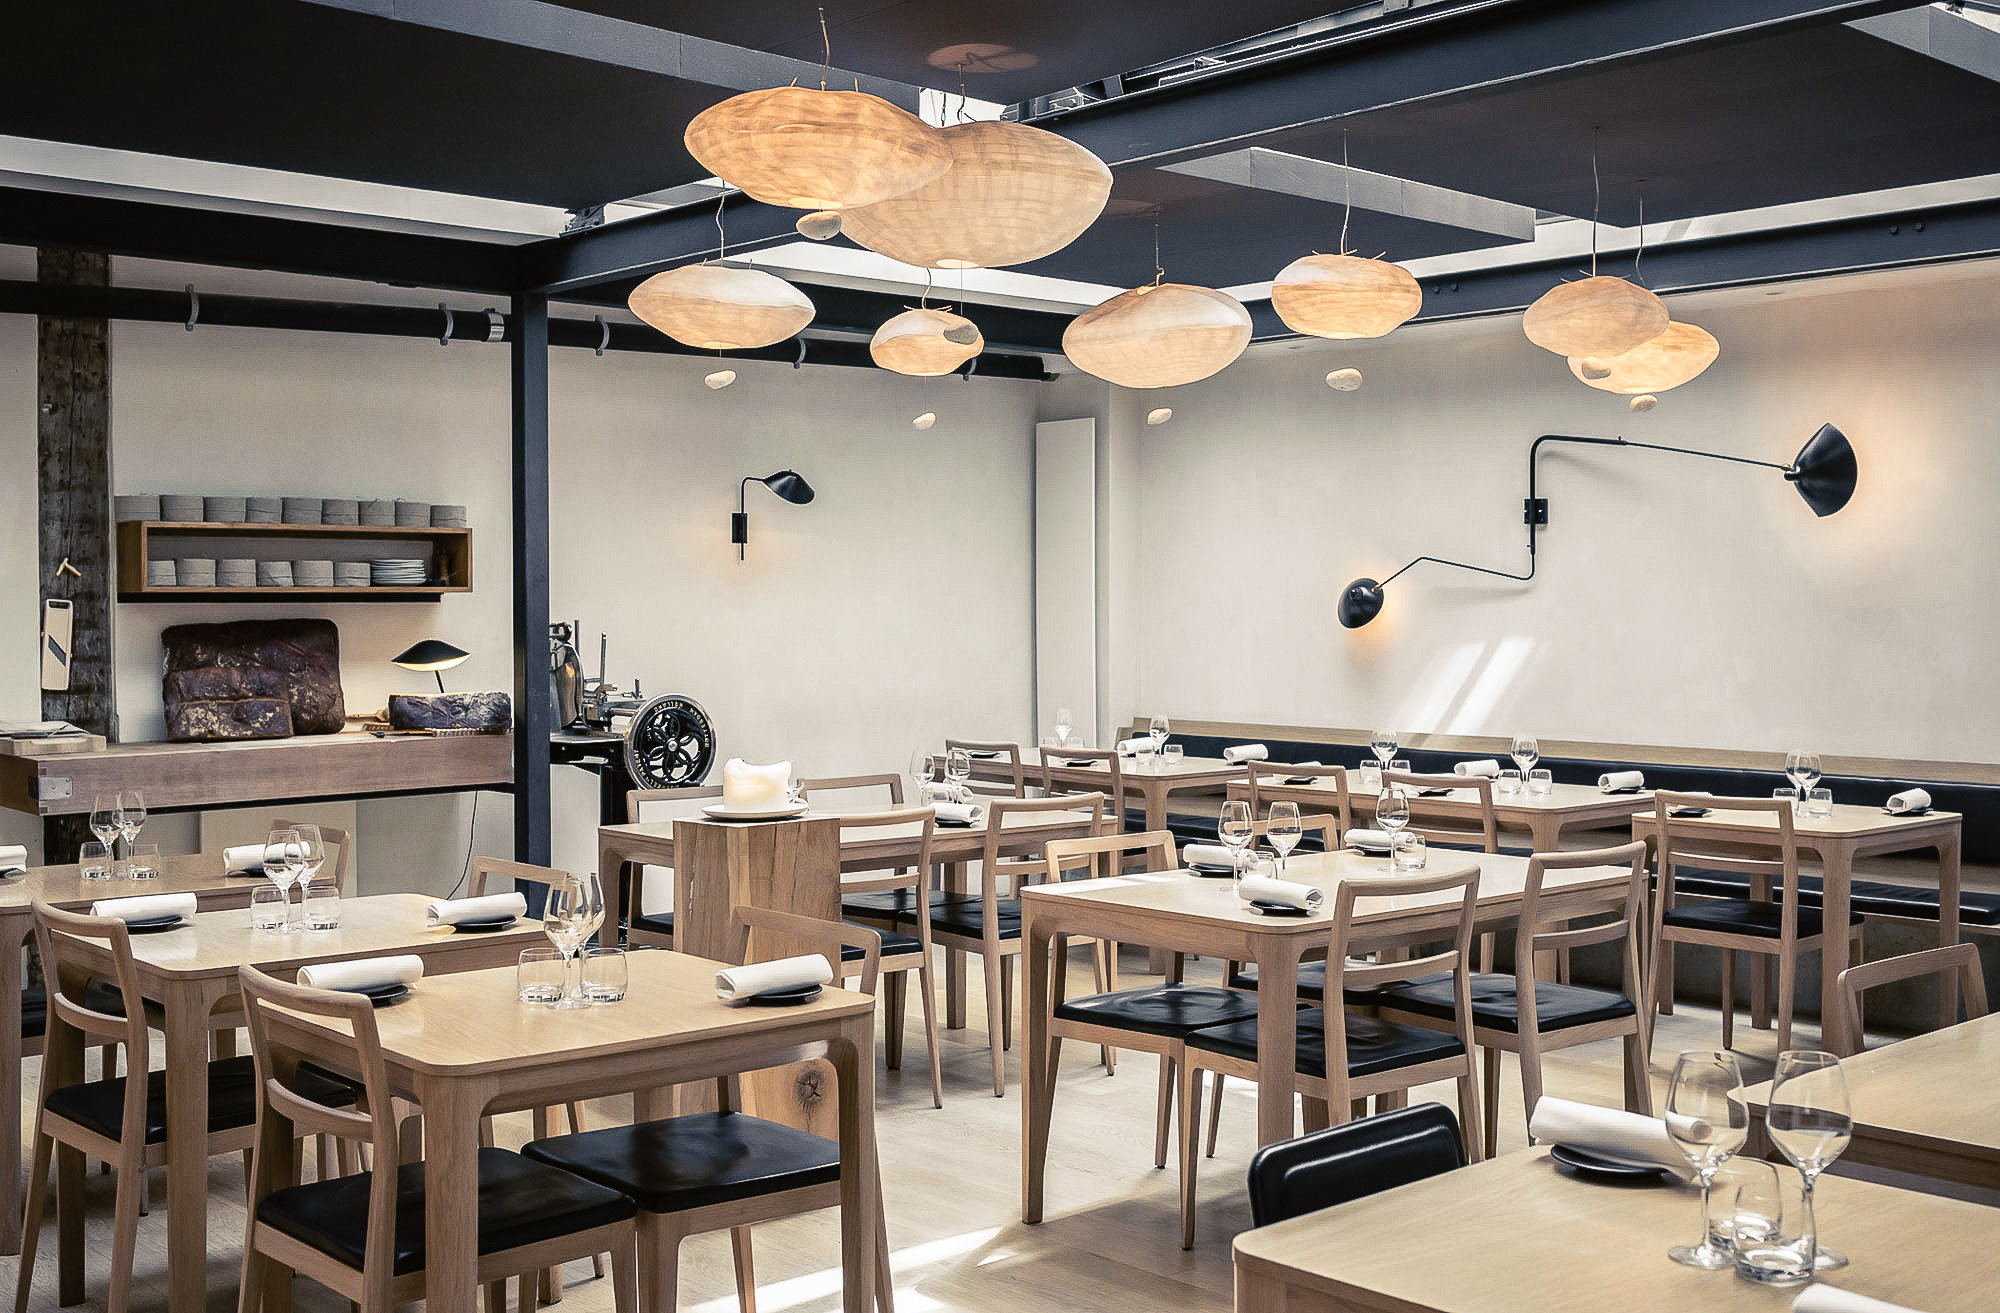 Food + Drink France Paris table indoor restaurant interior design dining room café ceiling furniture several